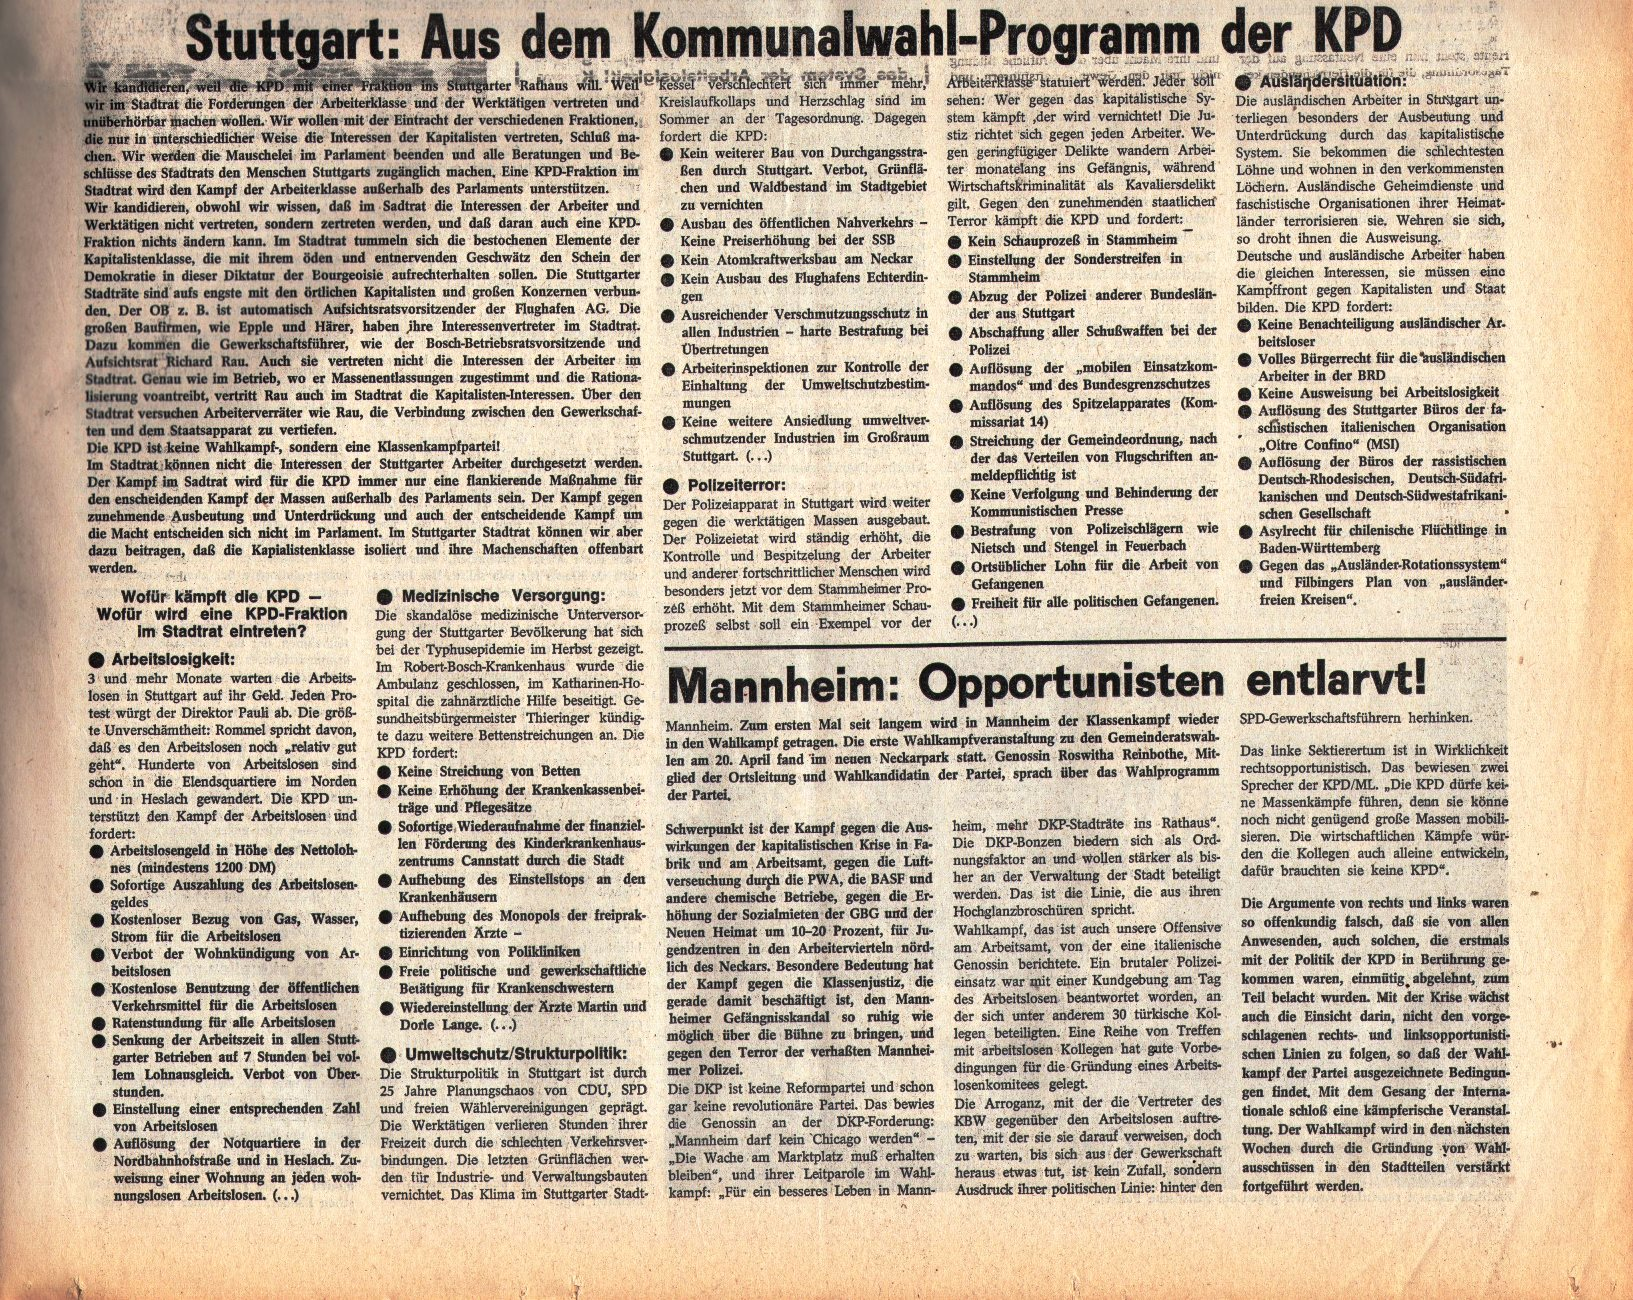 KPD_Rote_Fahne_1975_11_14